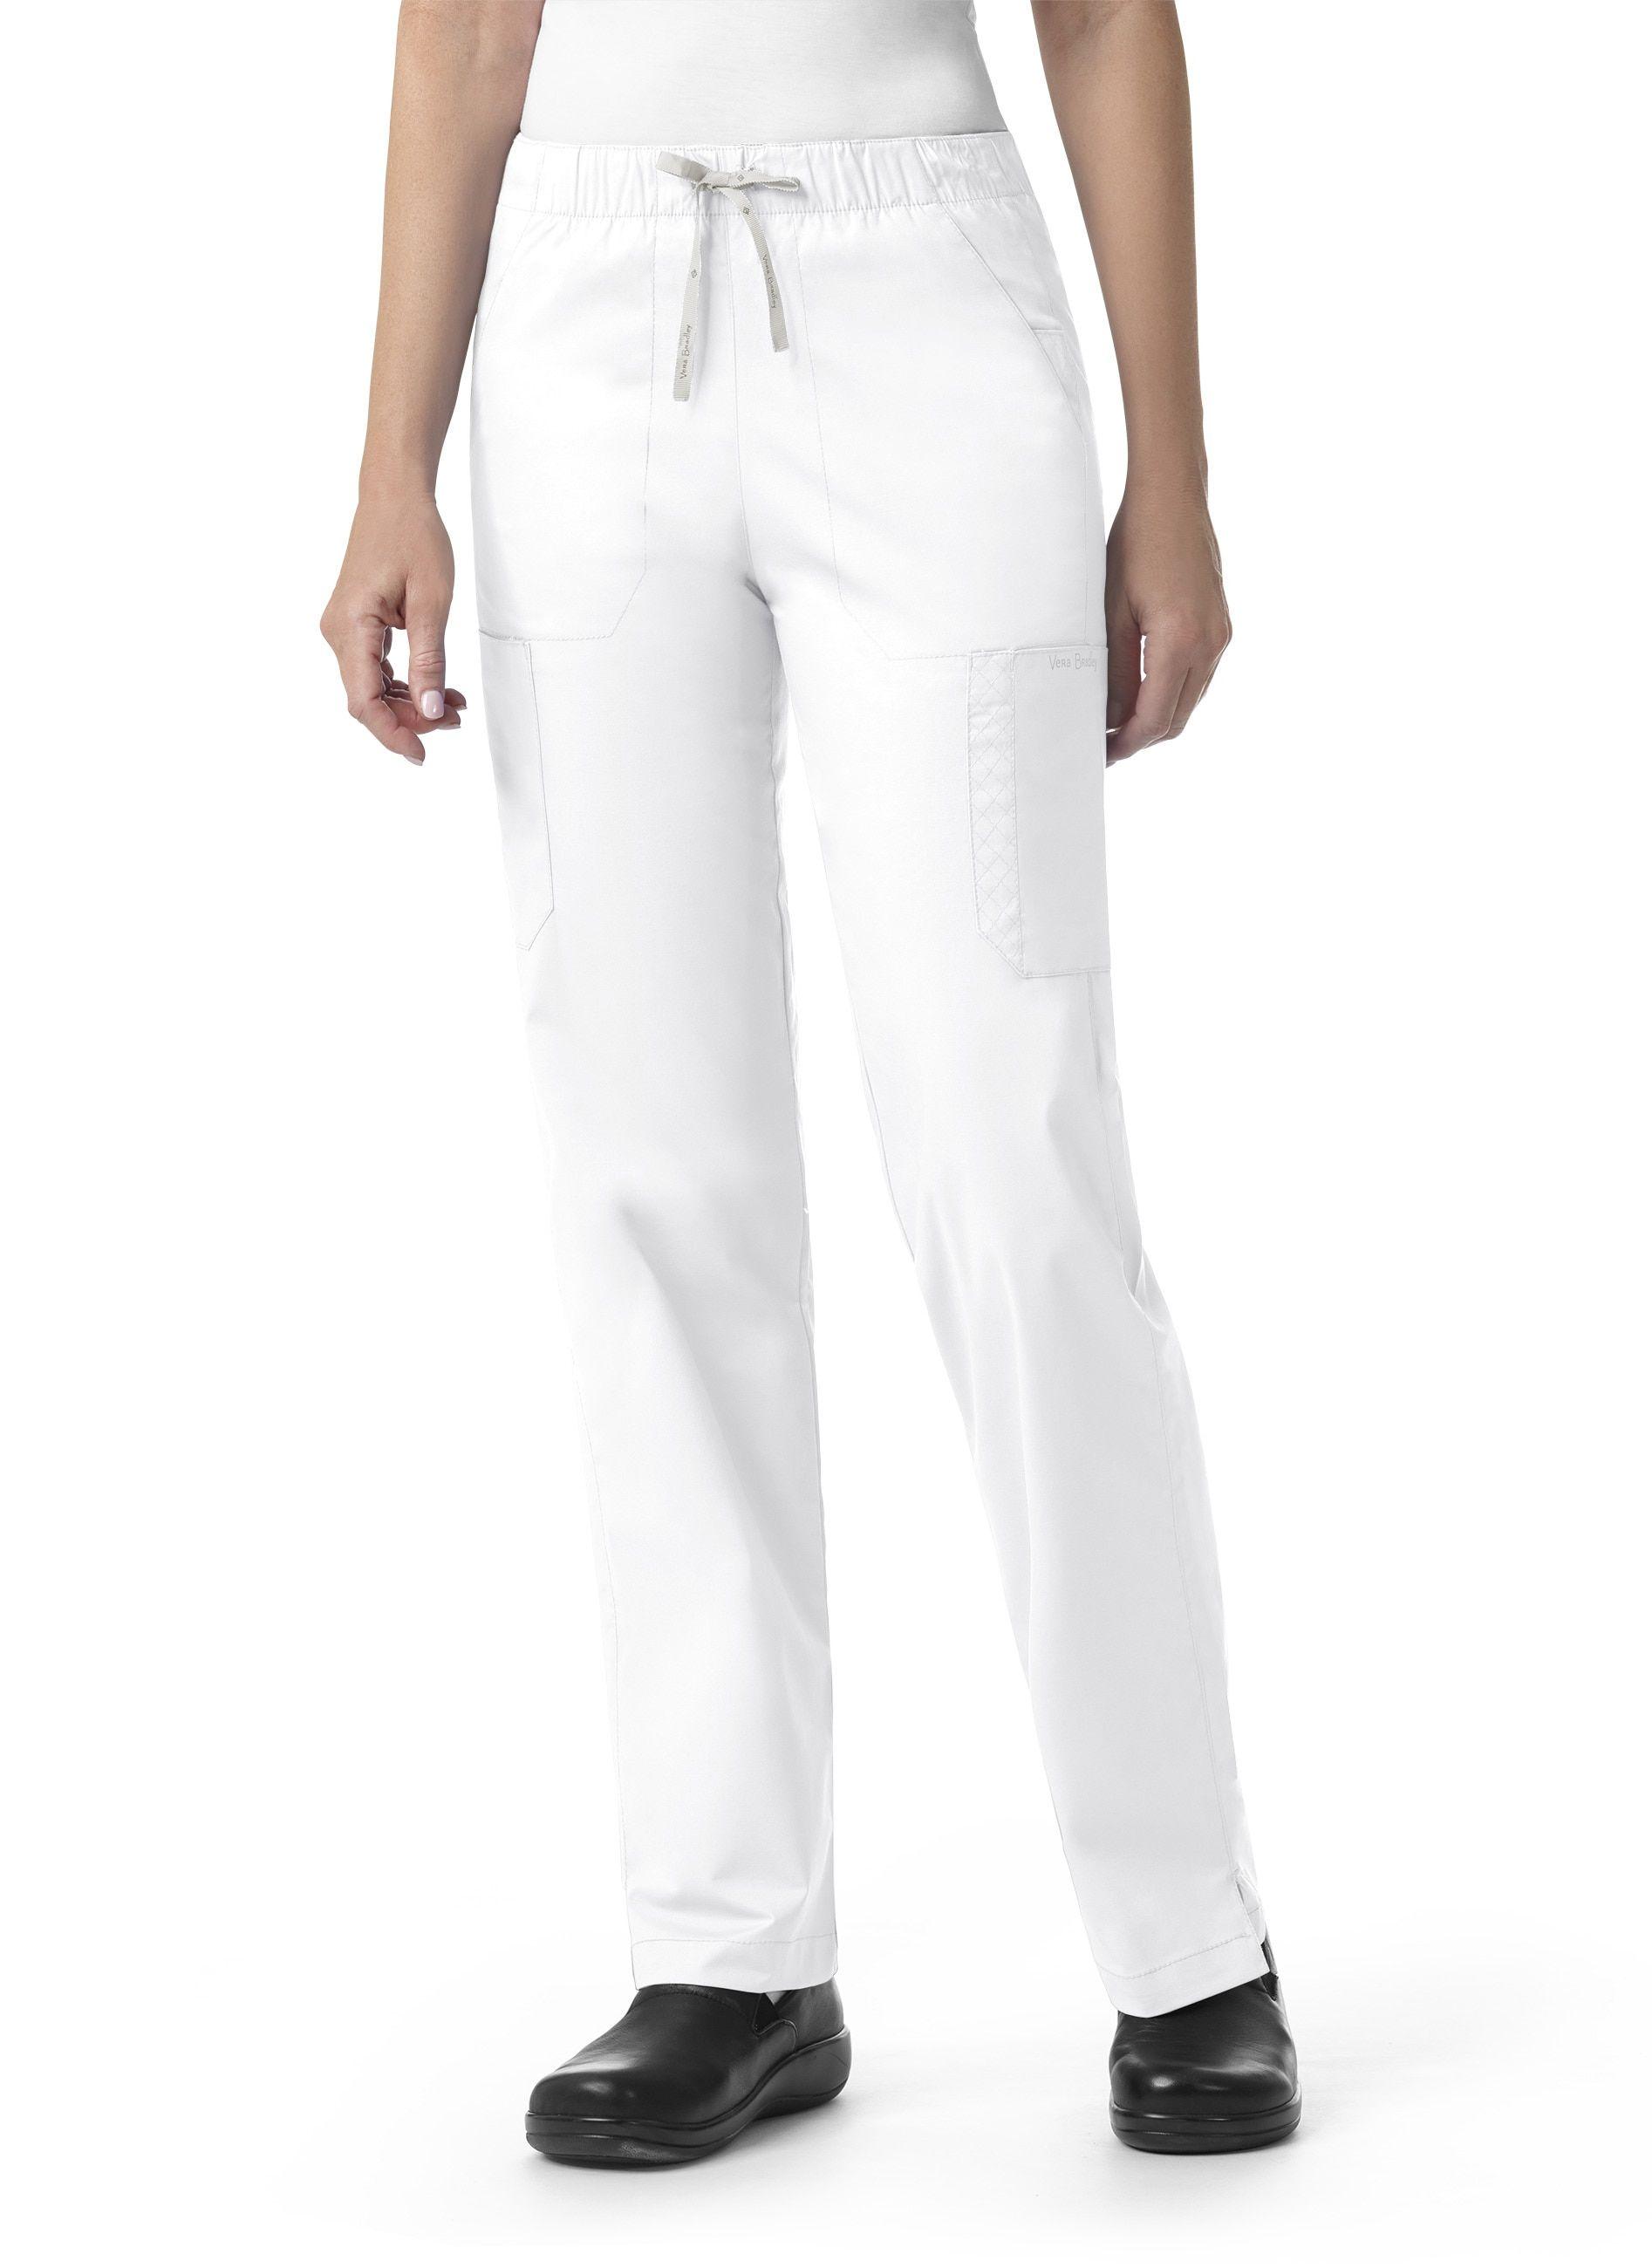 f7b41cde954 Pant by Vera Bradley, Style: V5202-WHIT   Vera Bradley Scrubs   Pants,  Sweatpants, Vera bradley